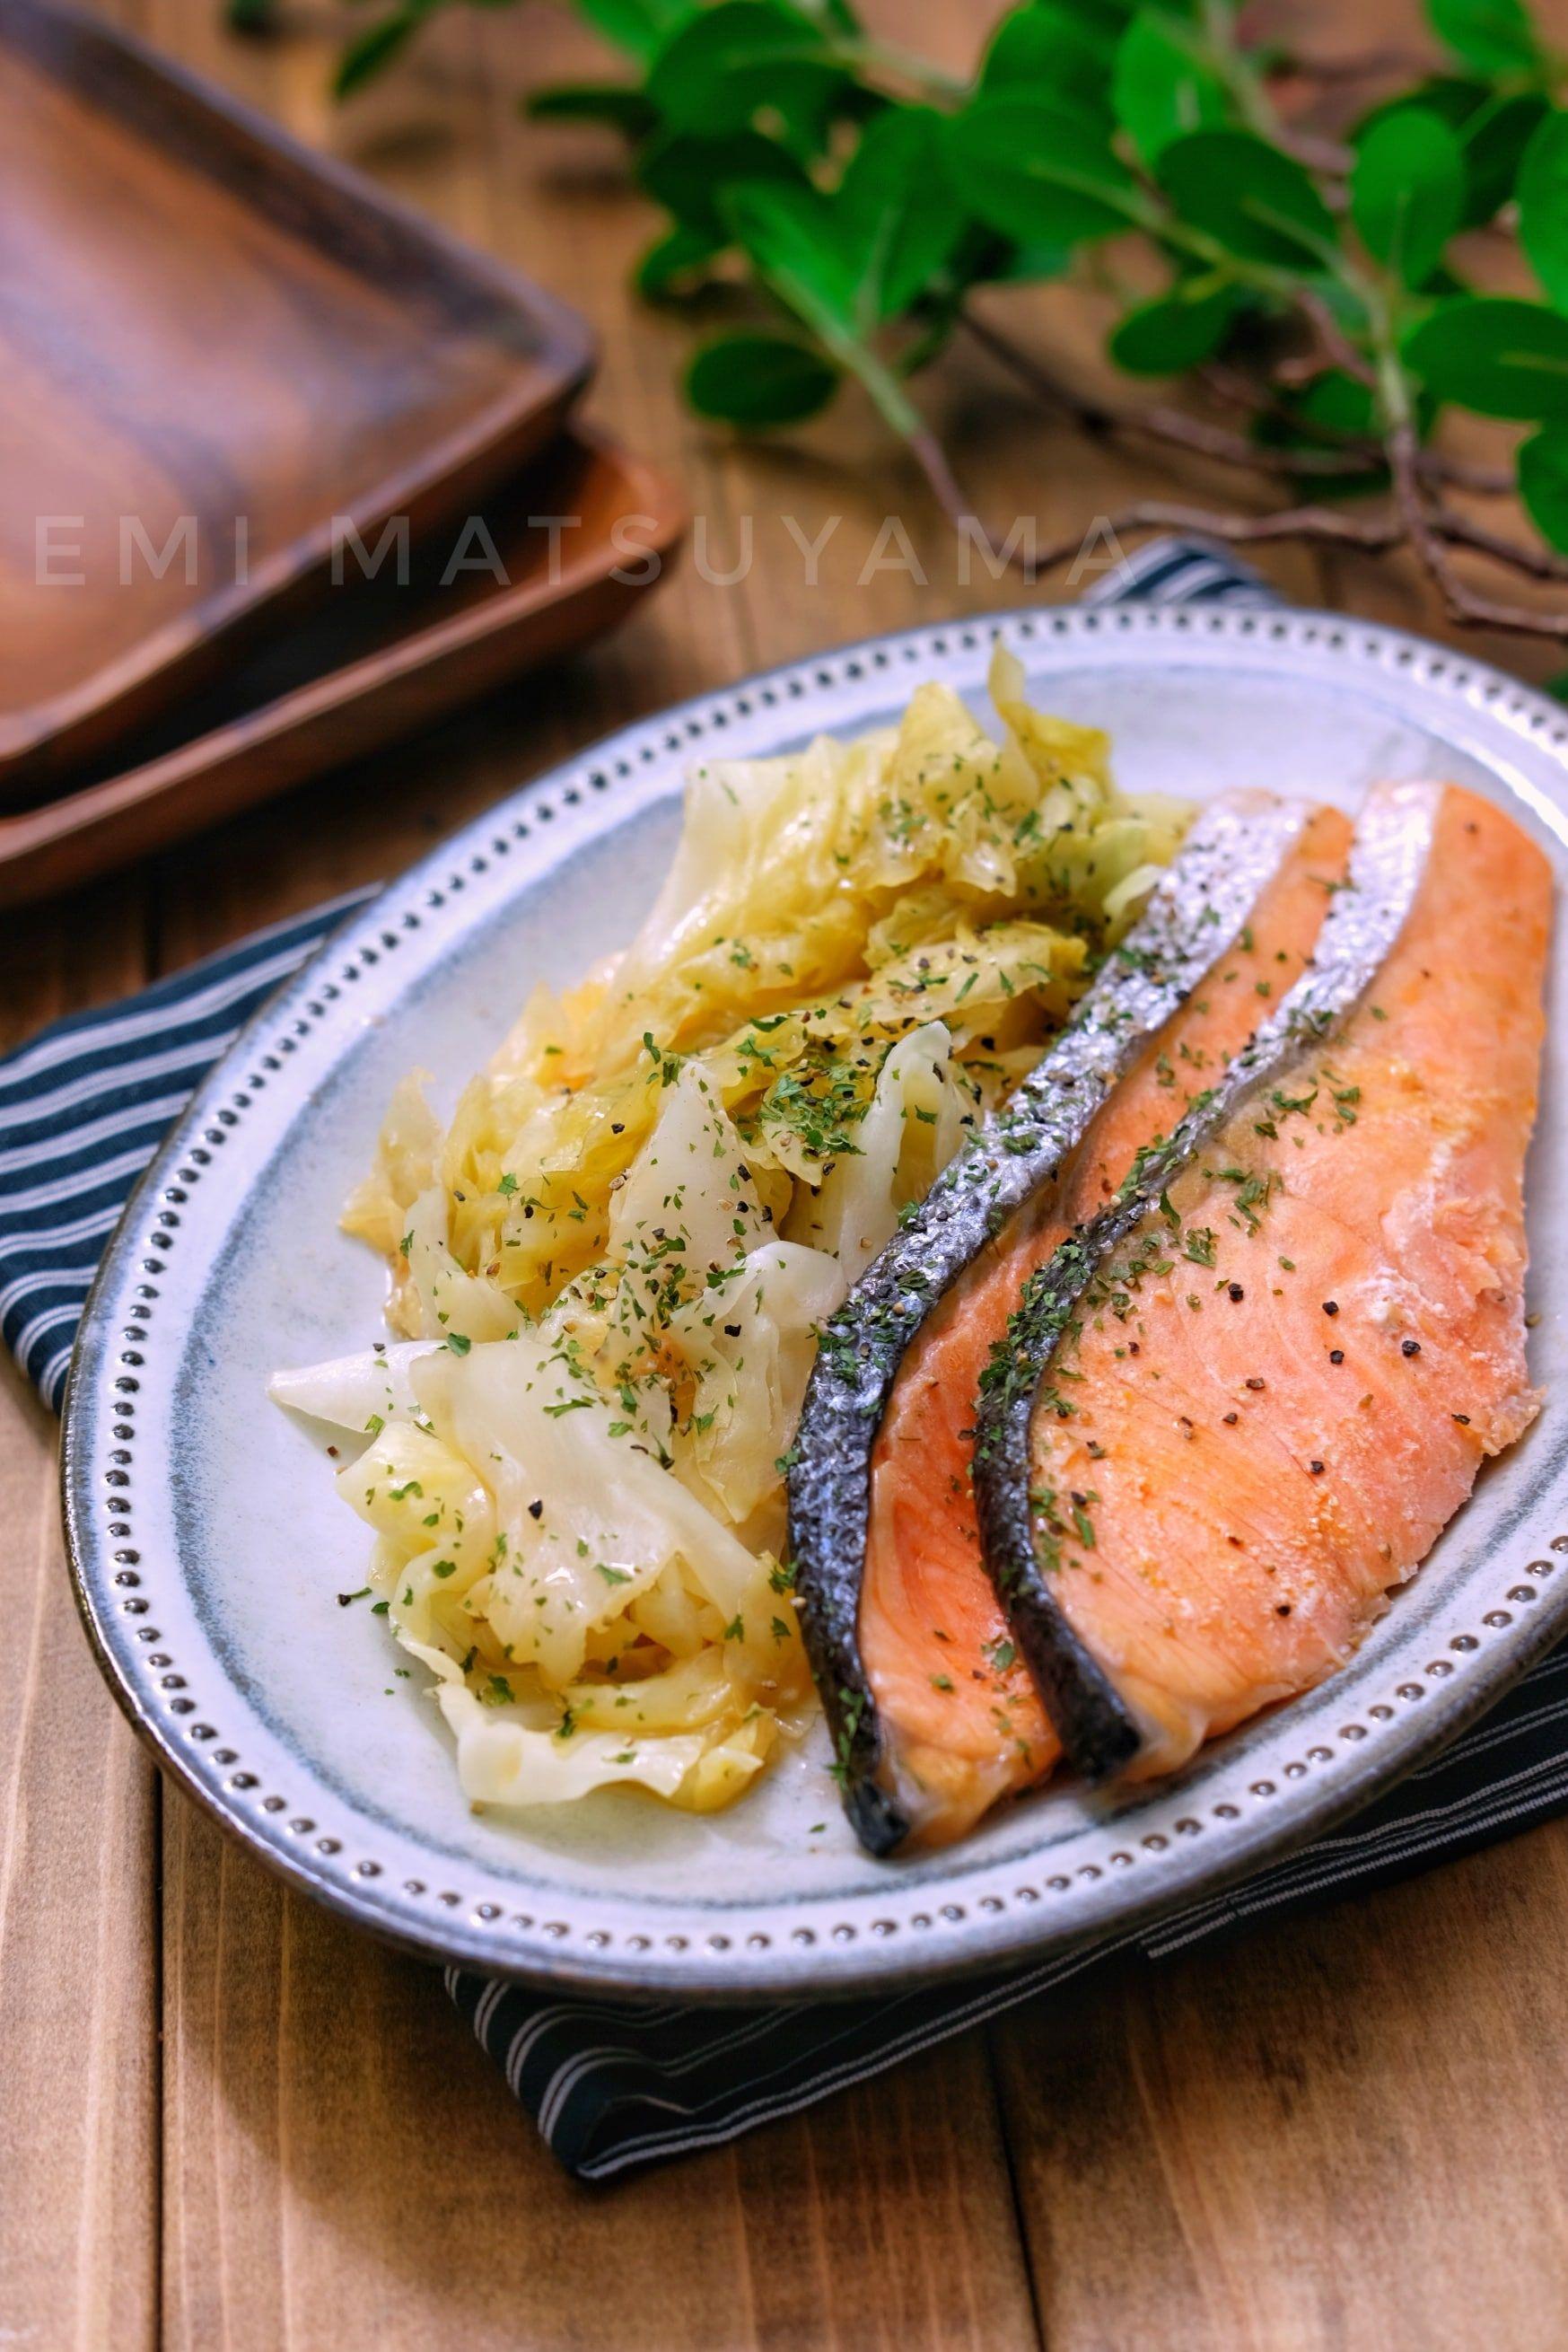 塩鮭 レシピ 甘 【鮭の焼き方】フライパンでできる!身はふっくら、皮はパリッと仕上がる